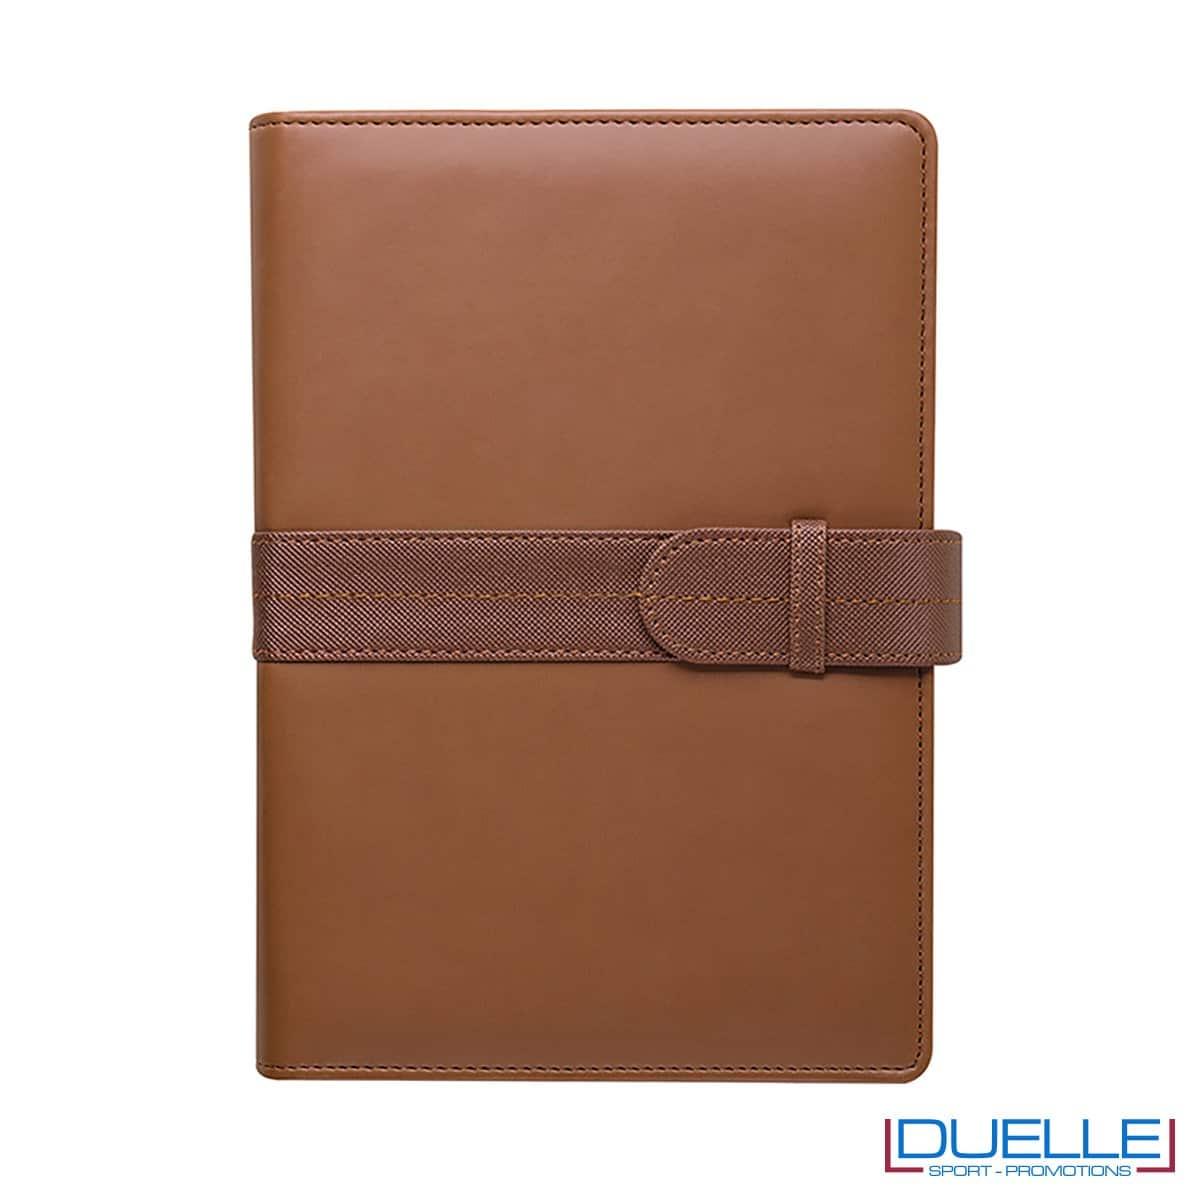 Agenda personalizzata portafoglio giornaliera colore cuoio